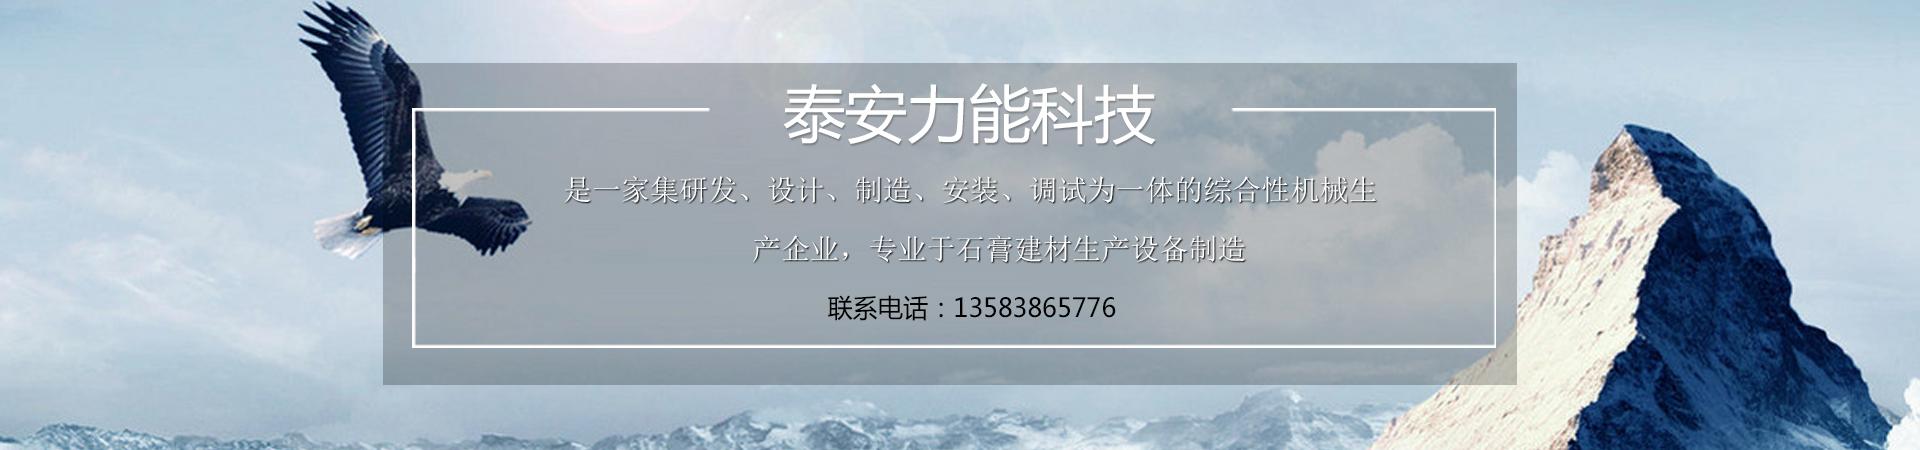 泰安力能机电科技有限公司